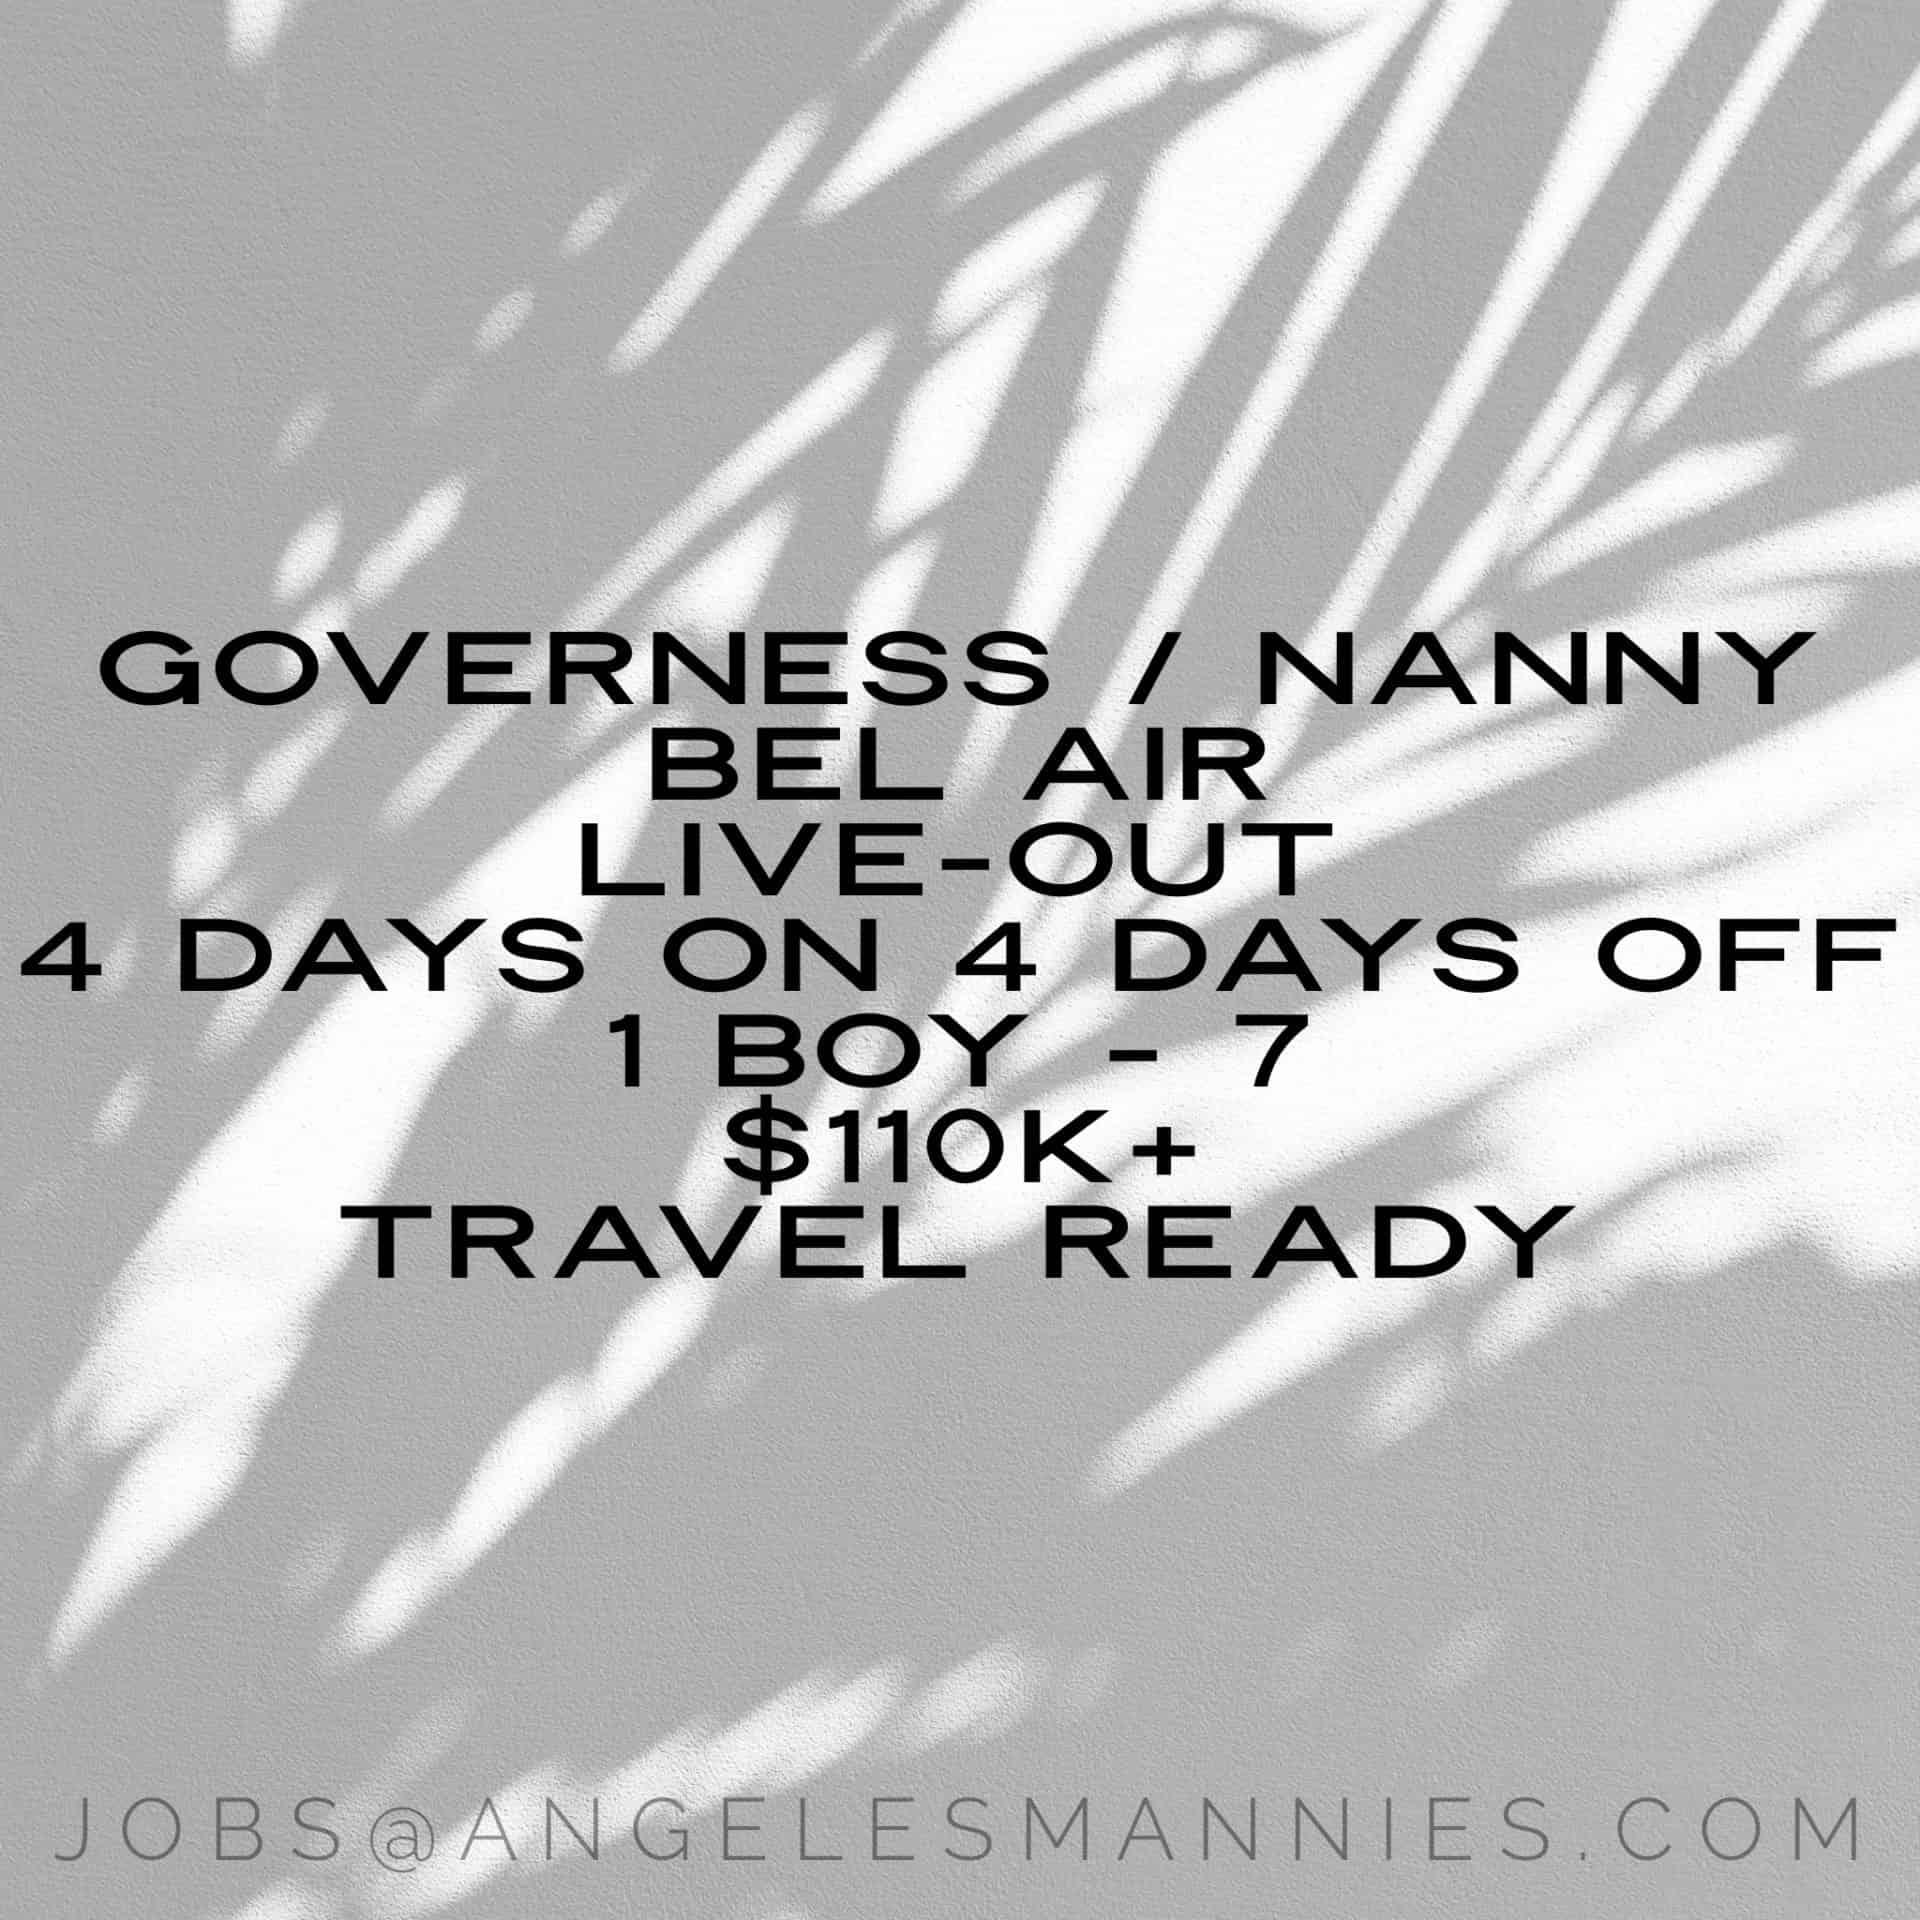 Nanny / Governess